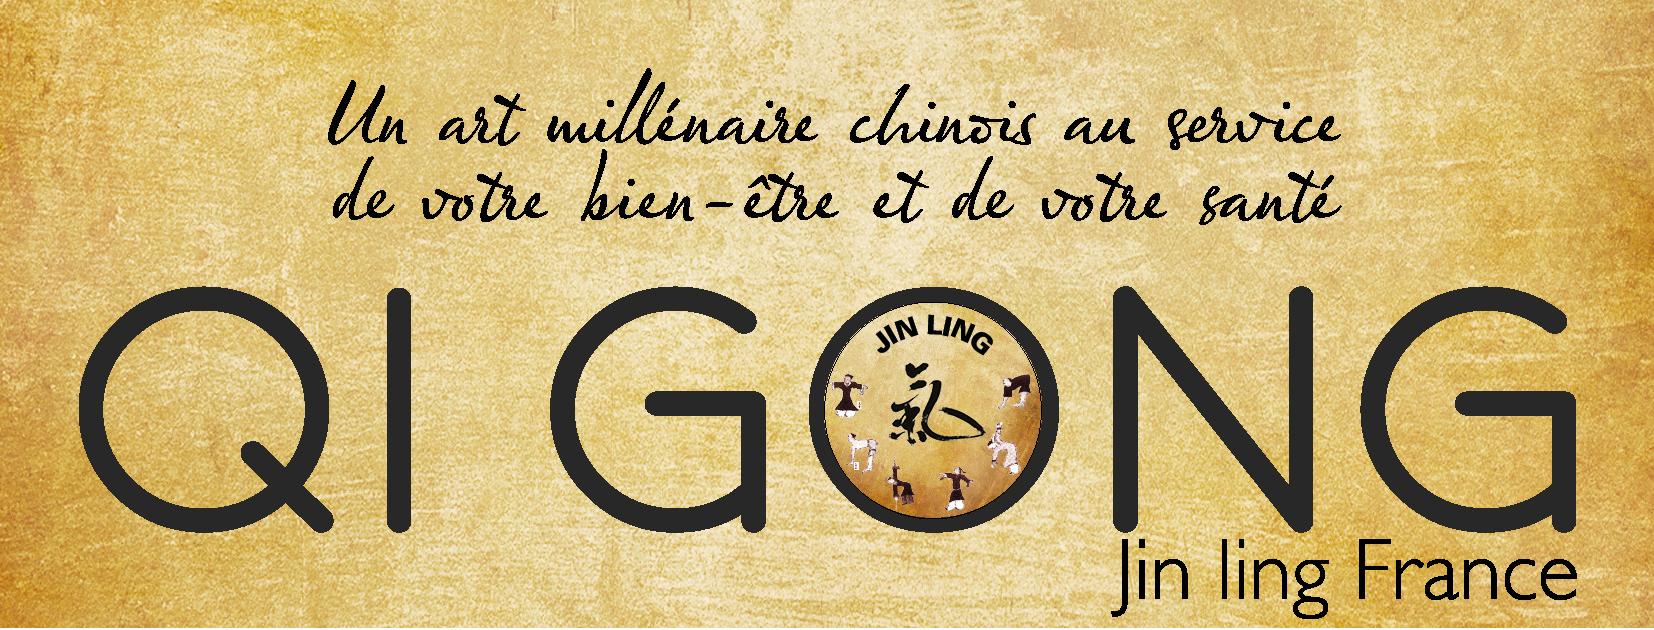 Cours de Qi Gong, Chi Gong Parc de Sceaux - Paris Sud, Jin Ling France